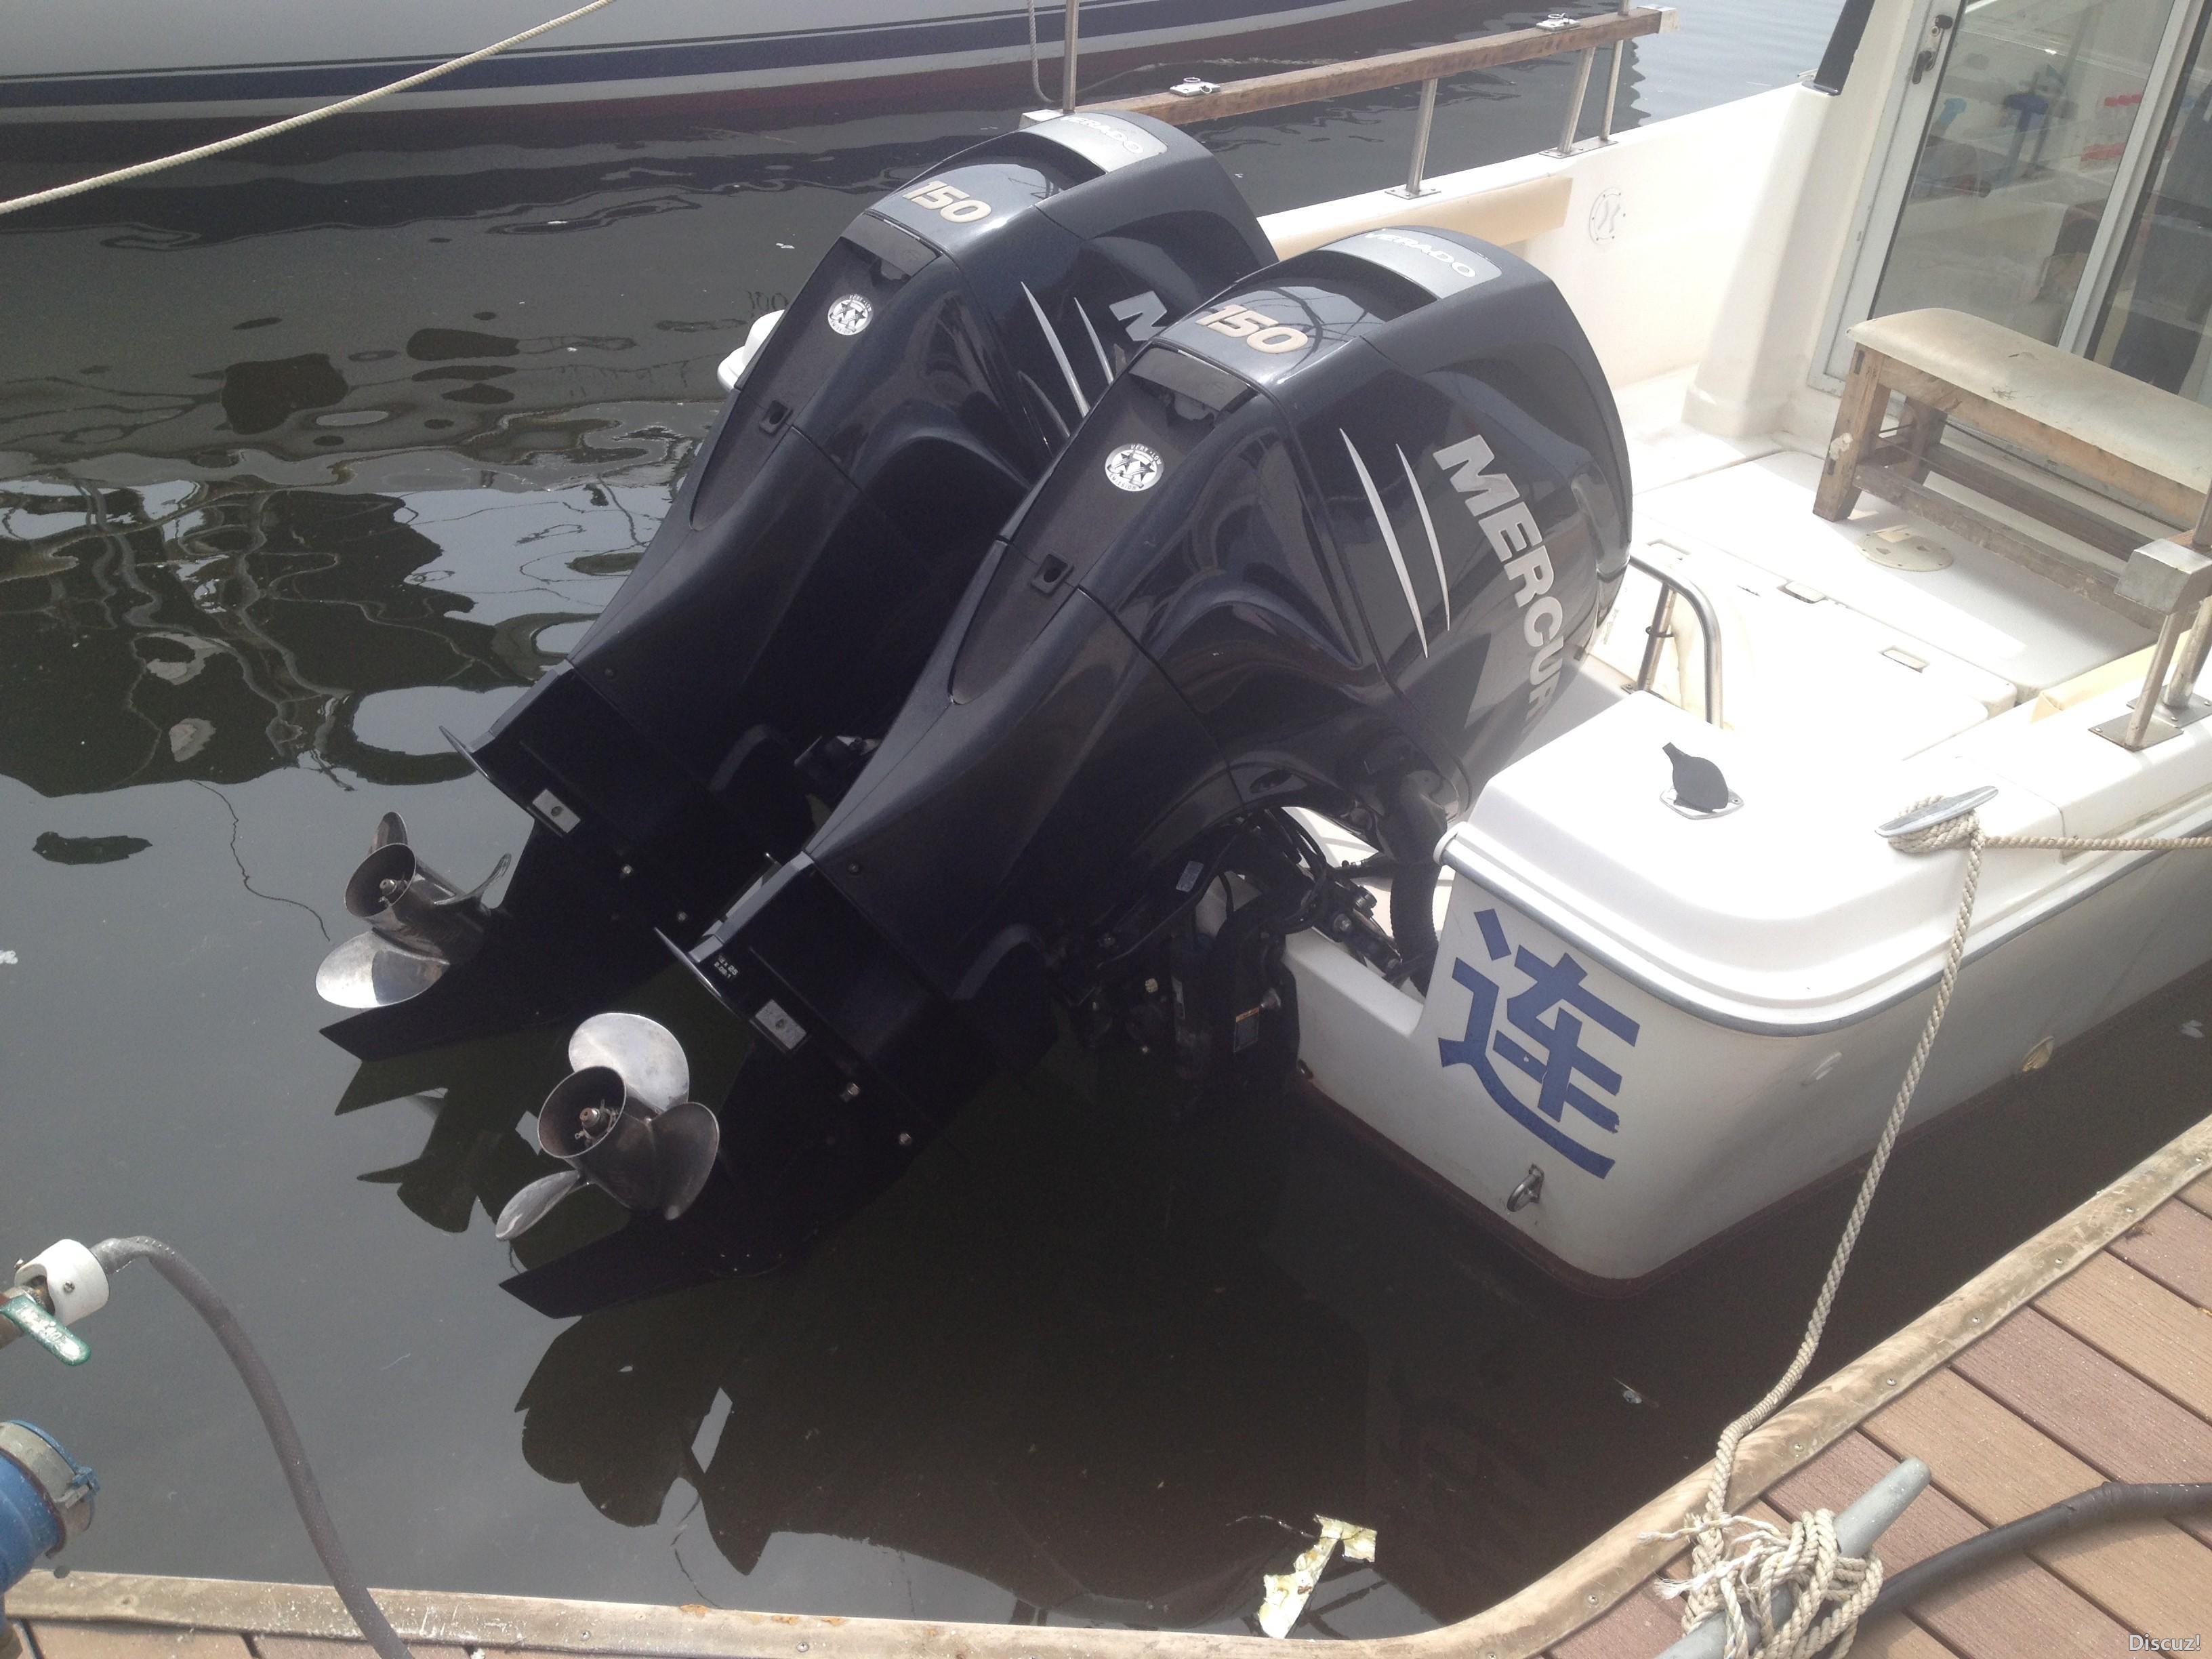 星海湾,大连 大连星海湾游艇展会 IMG_4445.JPG